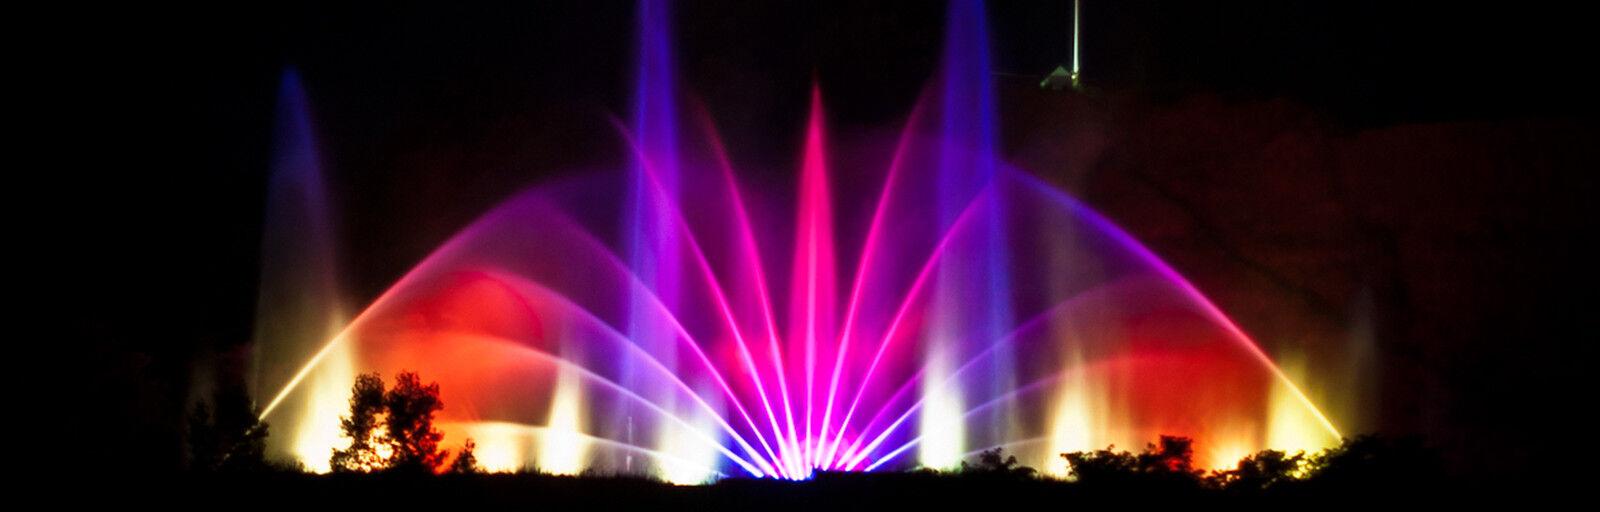 FountainSpring